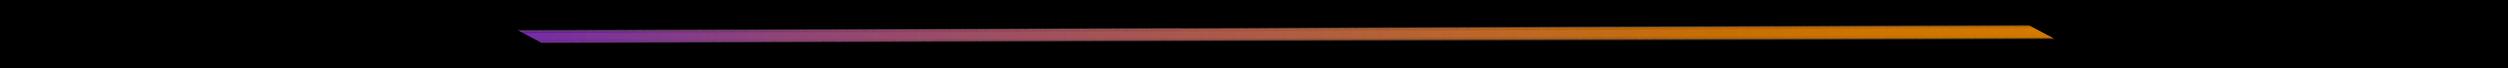 banner design line